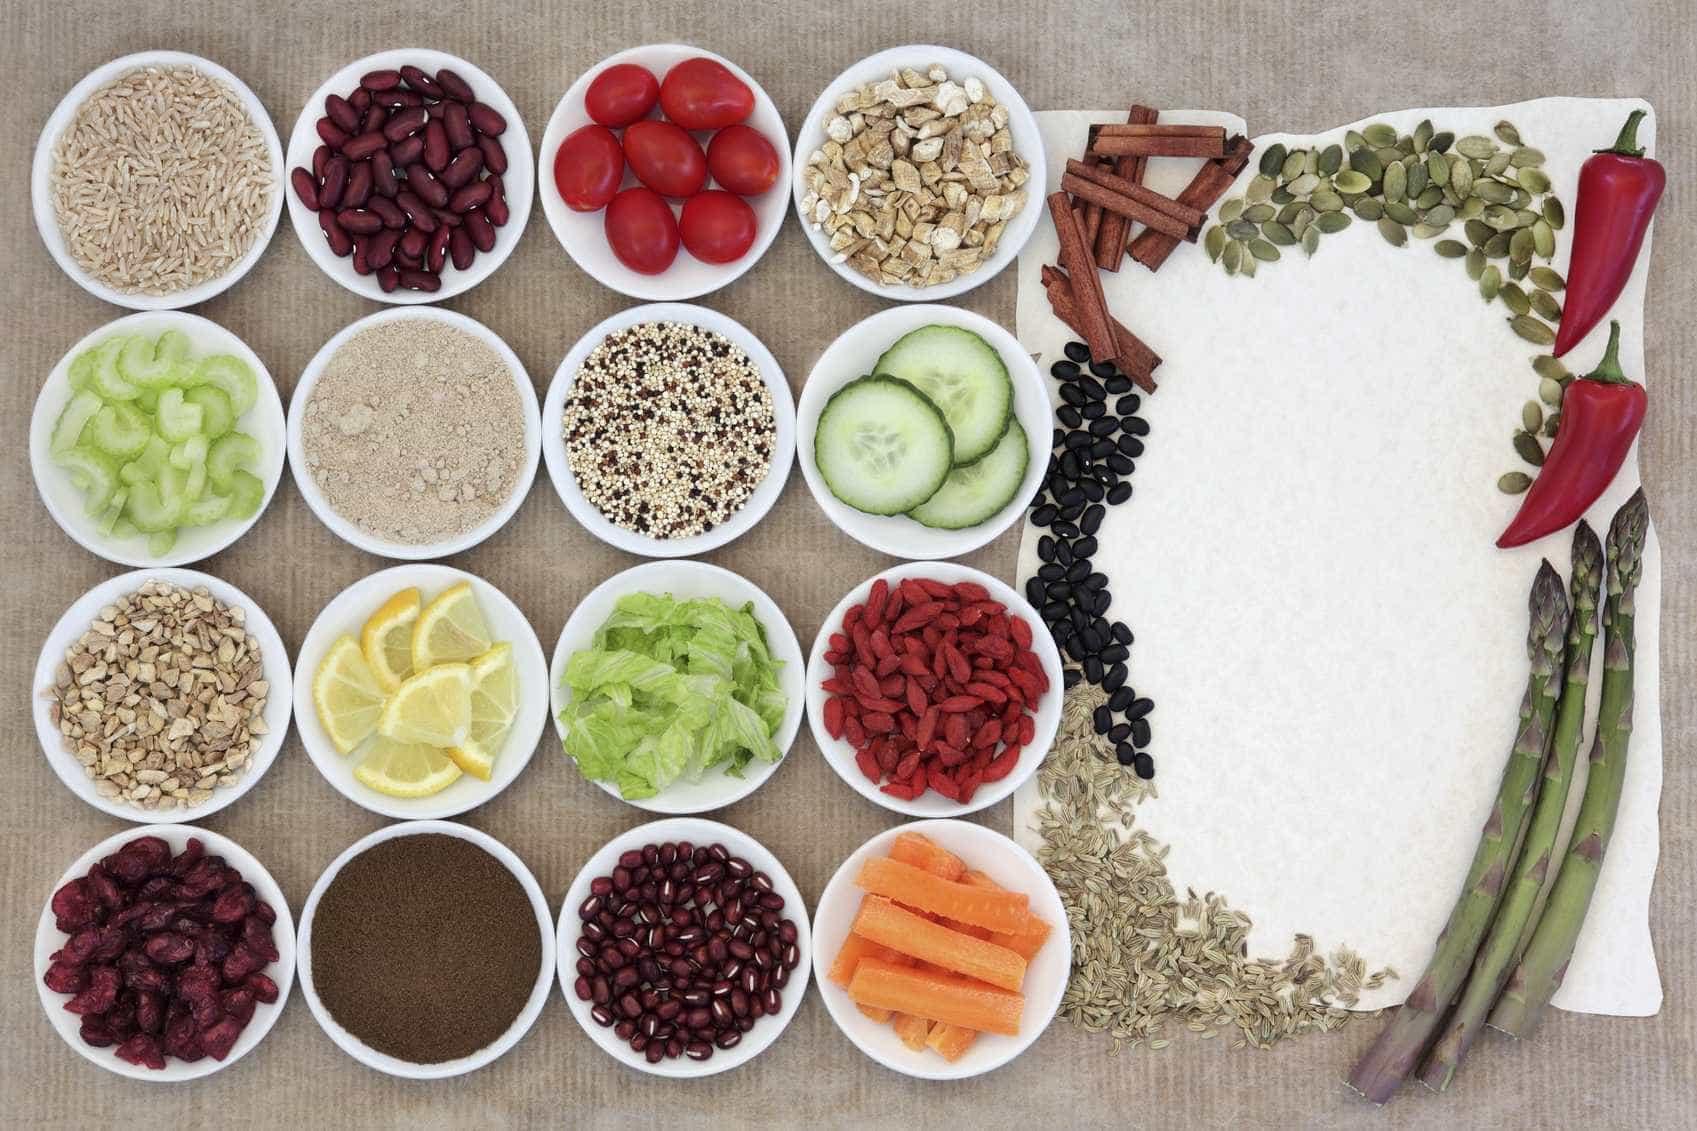 14 alimentos com poucos carboidratos  que são amigos da dieta -